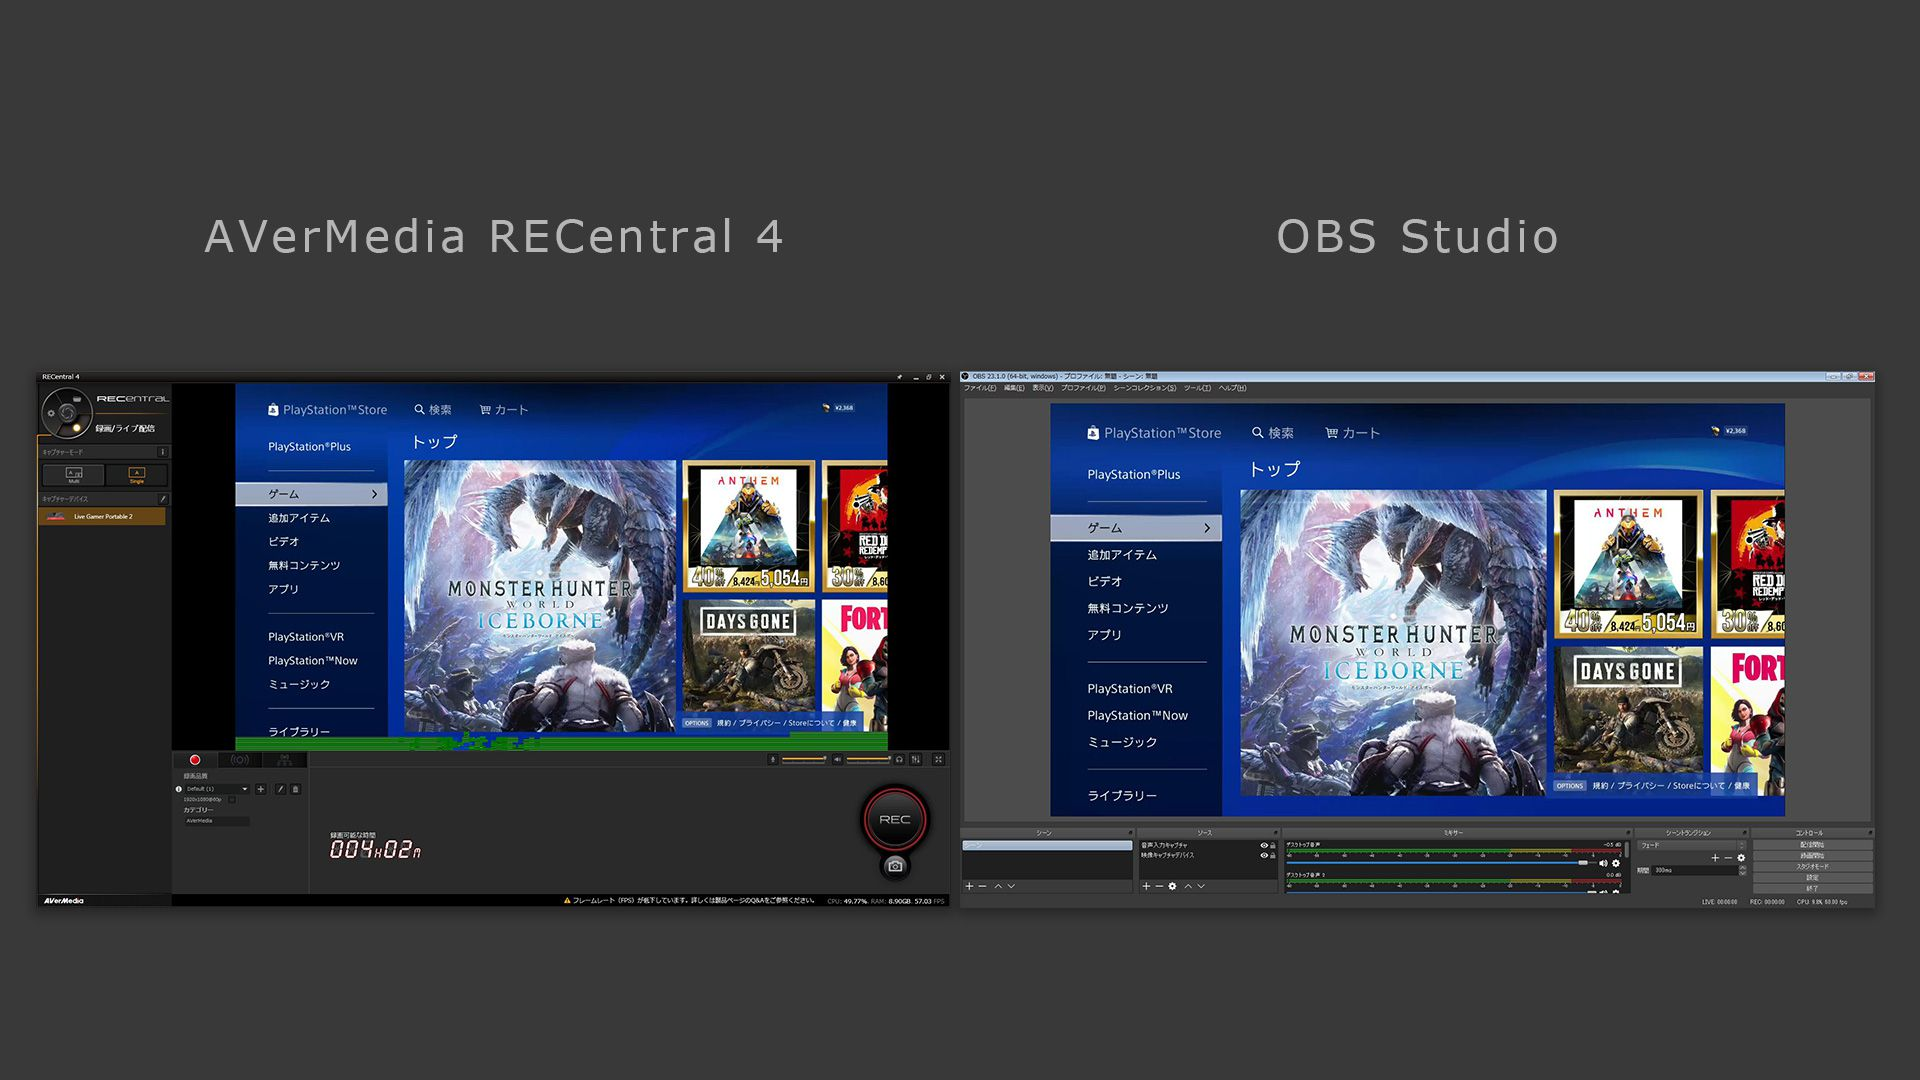 キャプチャソフトをRECentralからOBSstudioに変えたらノイズやチラつきが無くなった